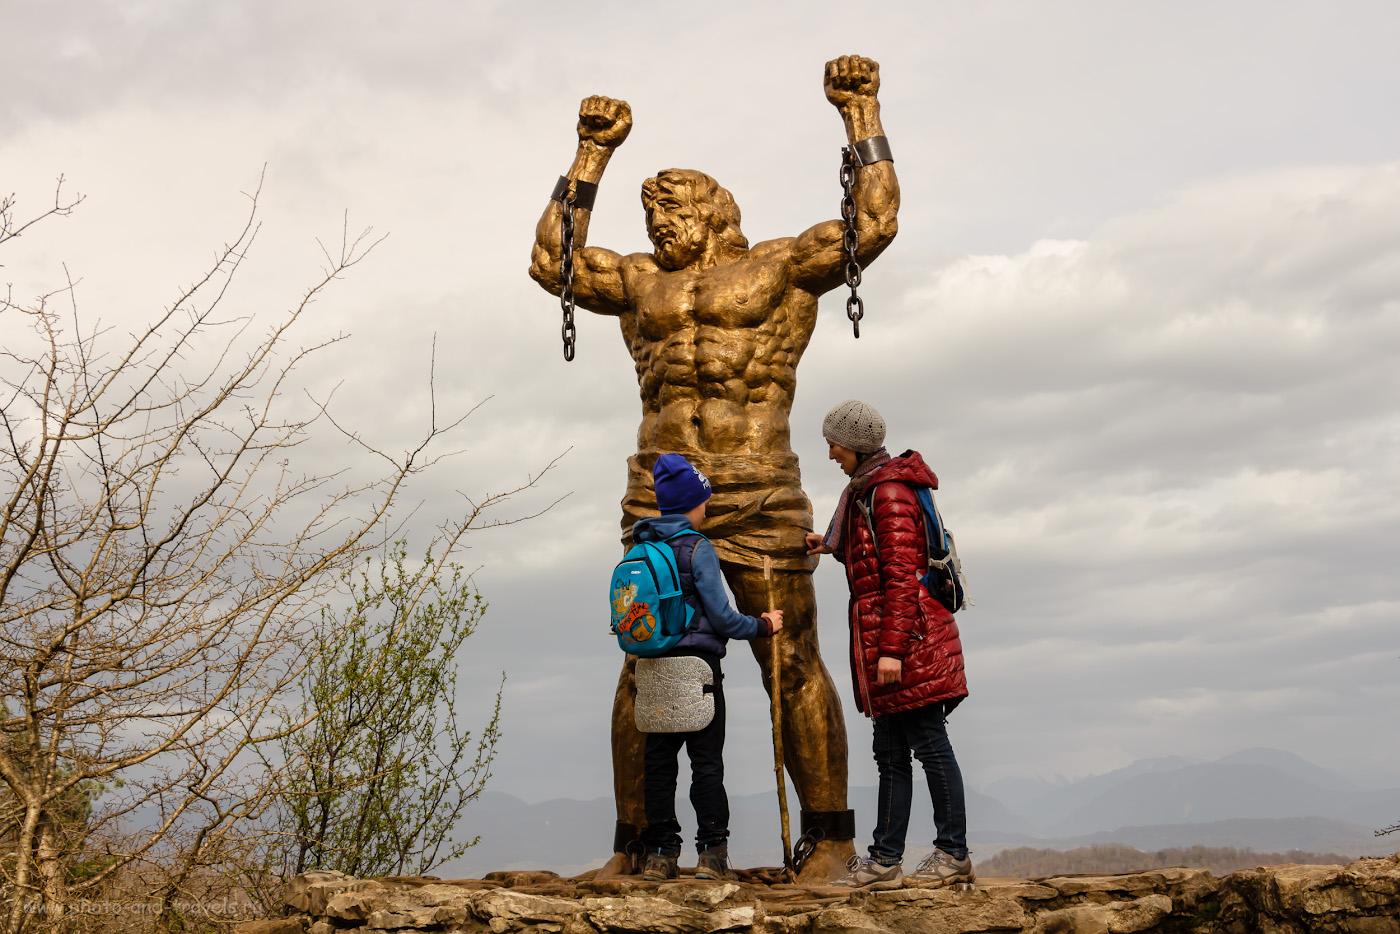 Фотография 20. Скульптура Прометея на Орлиных скалах. Самые интересные места в окрестностях Сочи. 1/200, f/10, ISO 100, 27мм